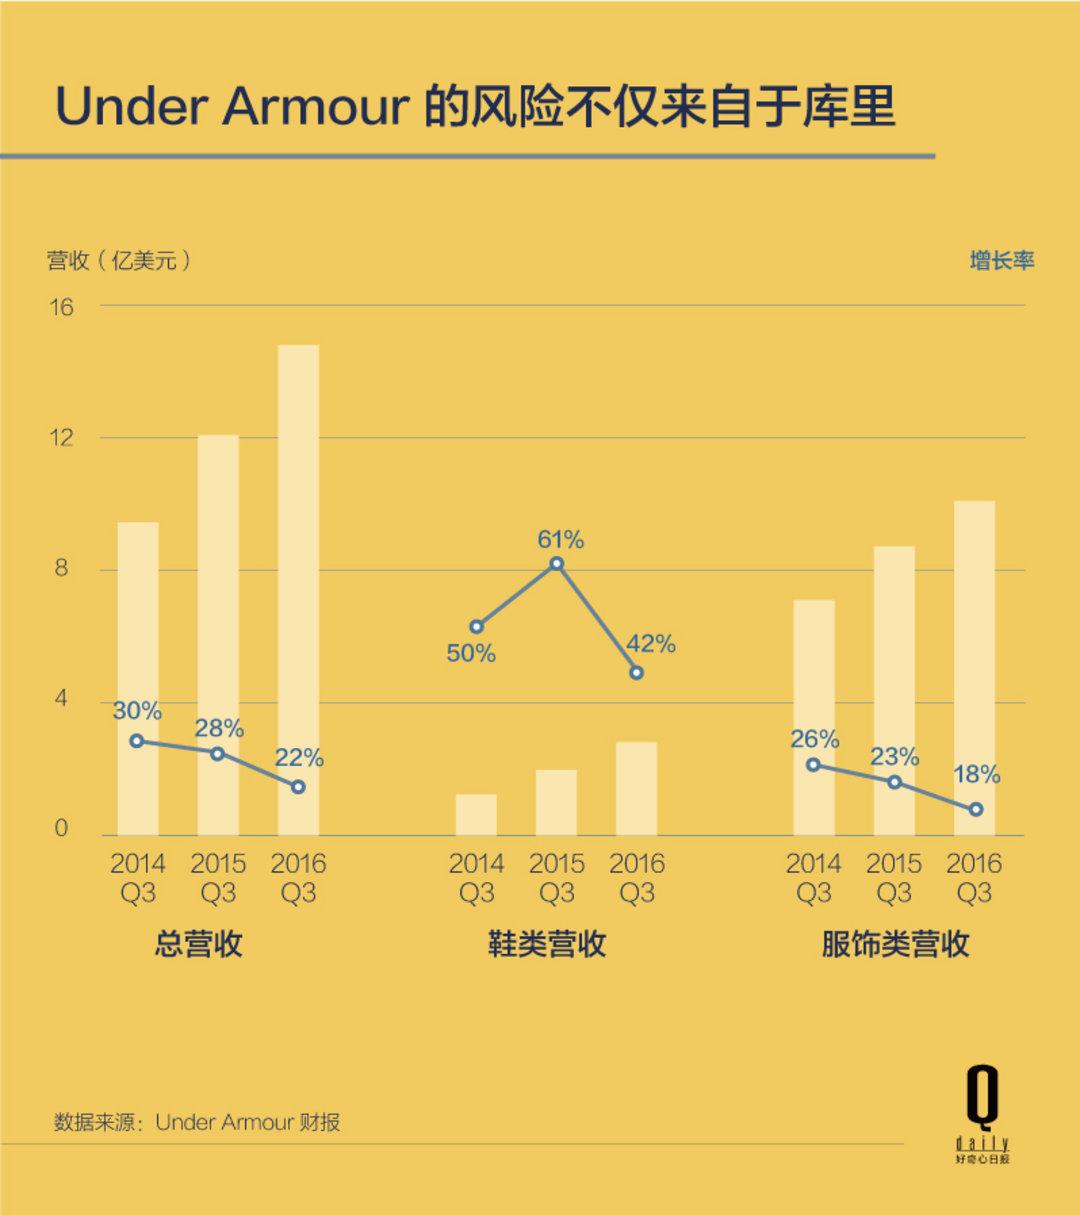 别看 UA 现在风头正健,其实已经暗藏风险   好奇心小数据